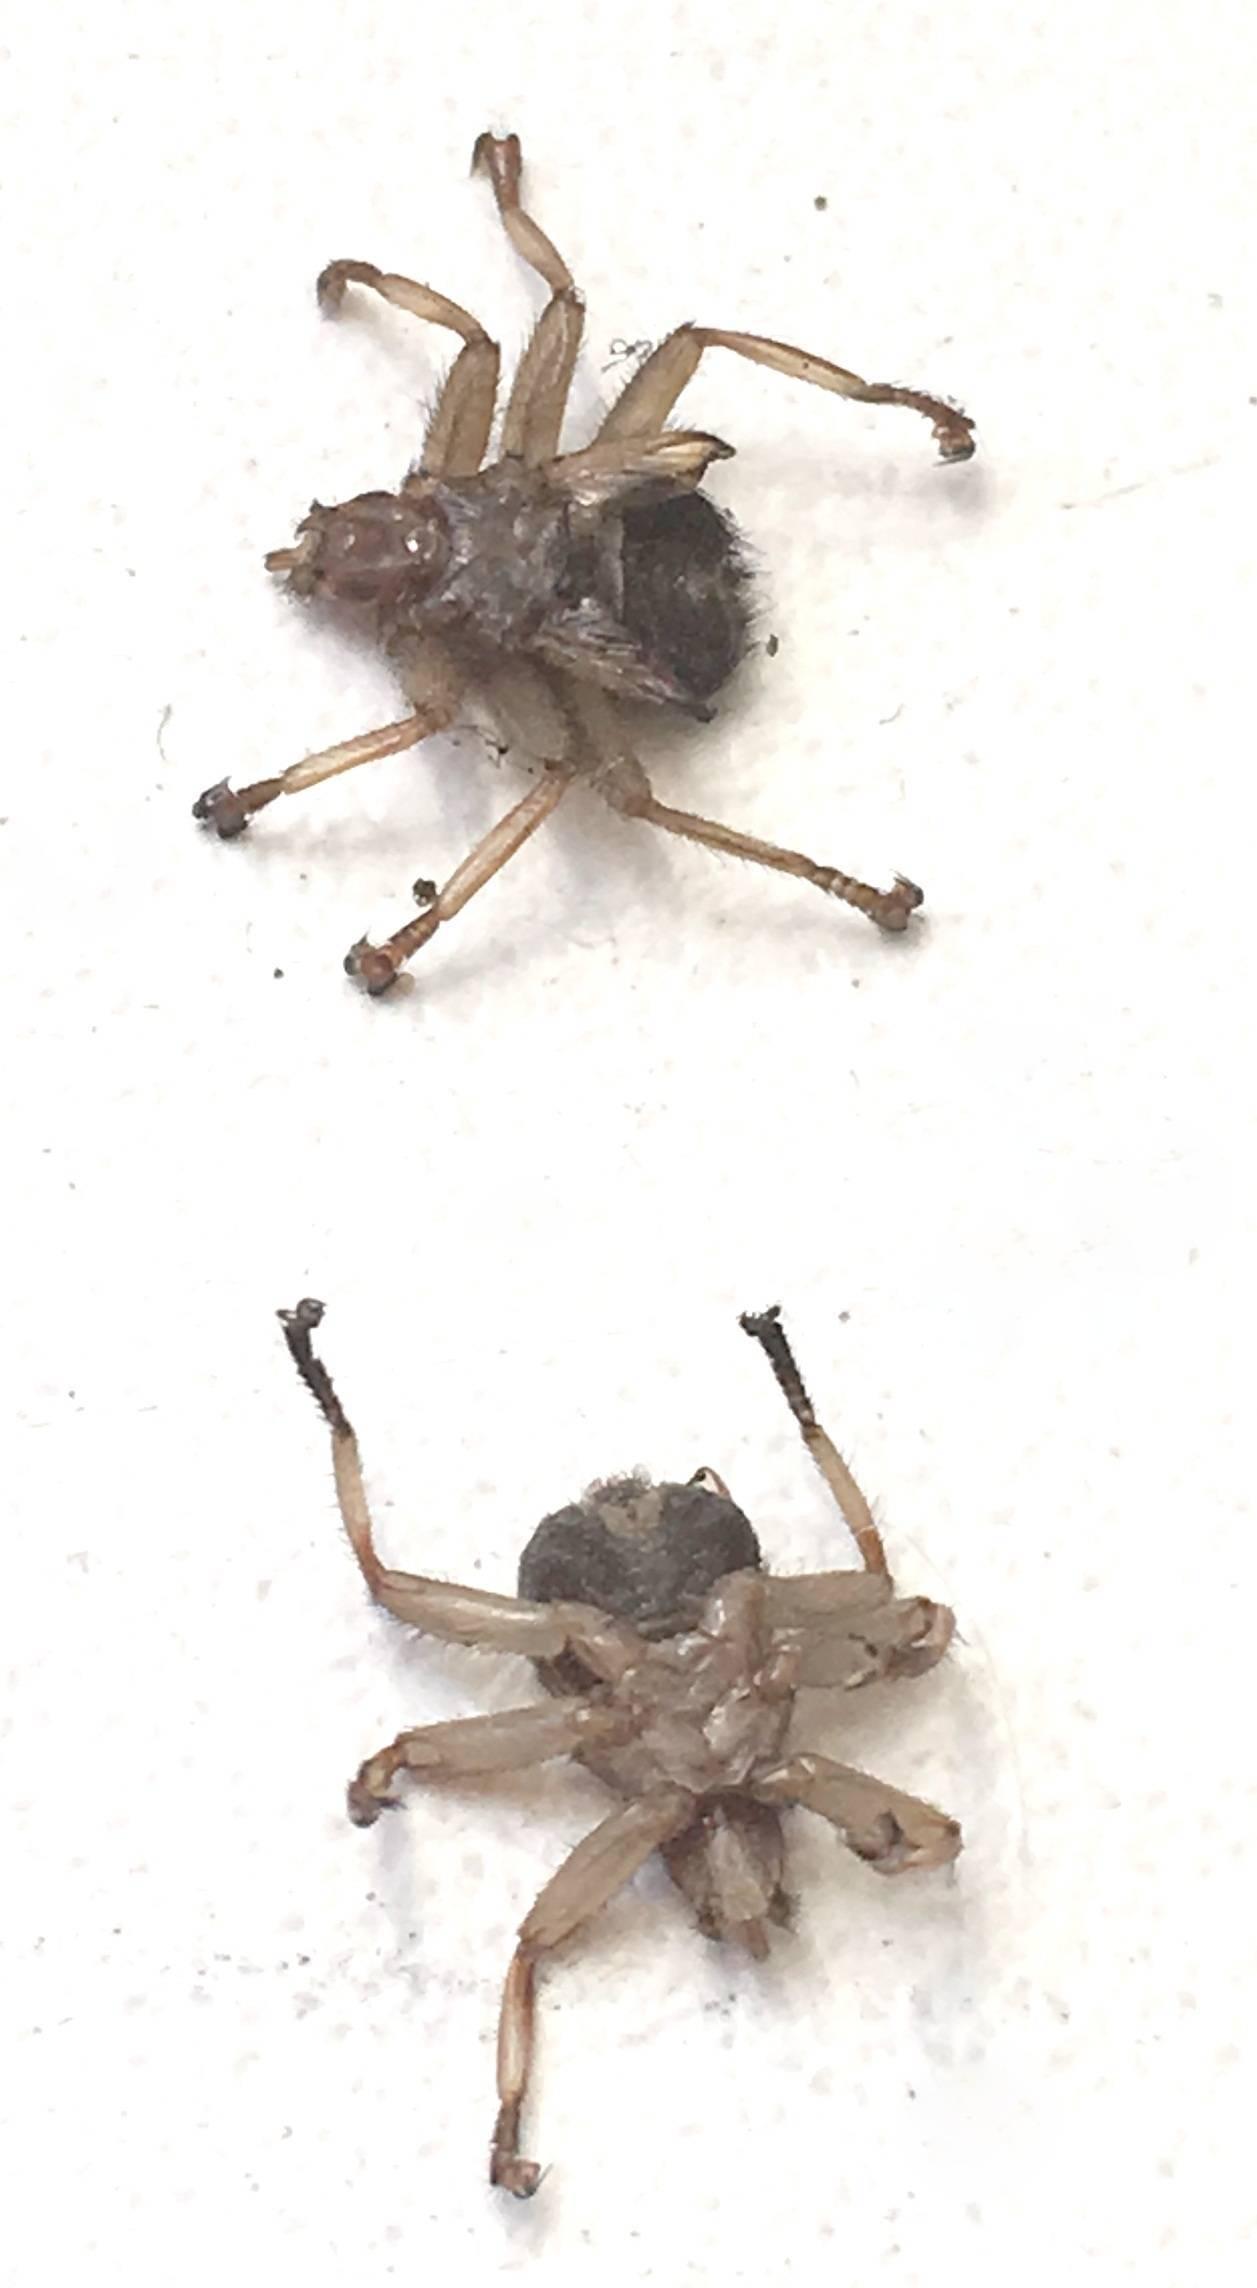 Как отличить клеща от лосиной мухи. опасны ли лосиные вши для здоровья человека? что характерно для лосиных клещей